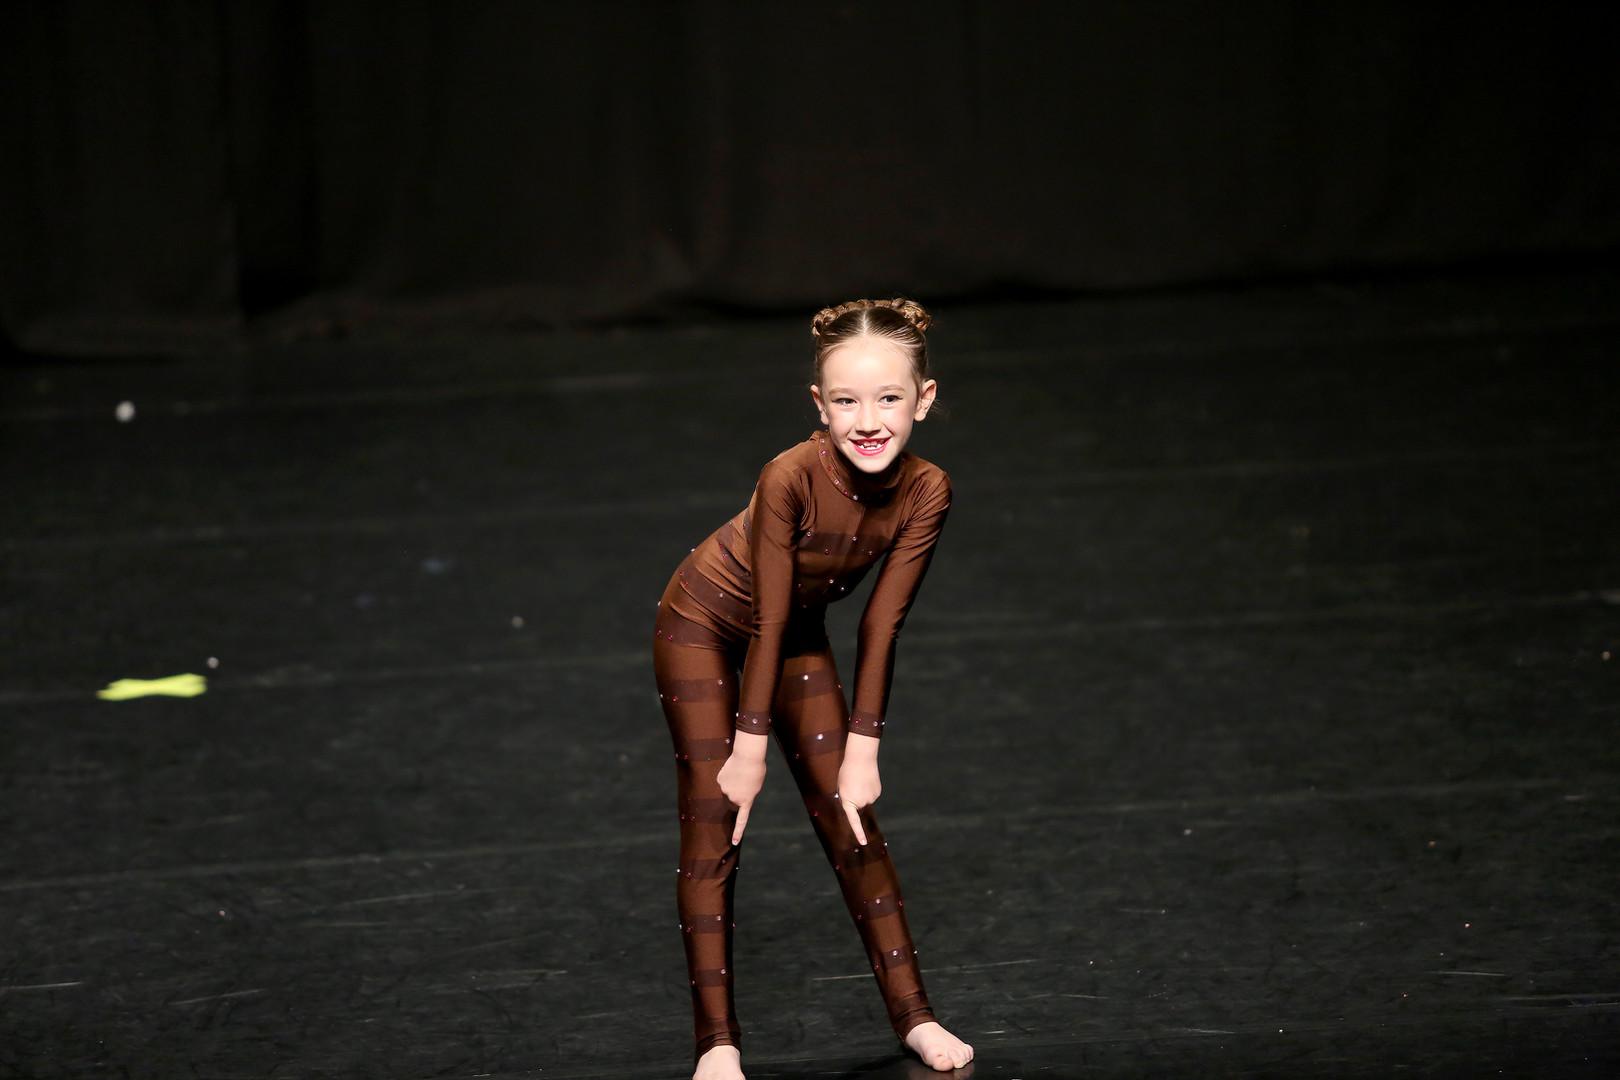 Cora, Age 6